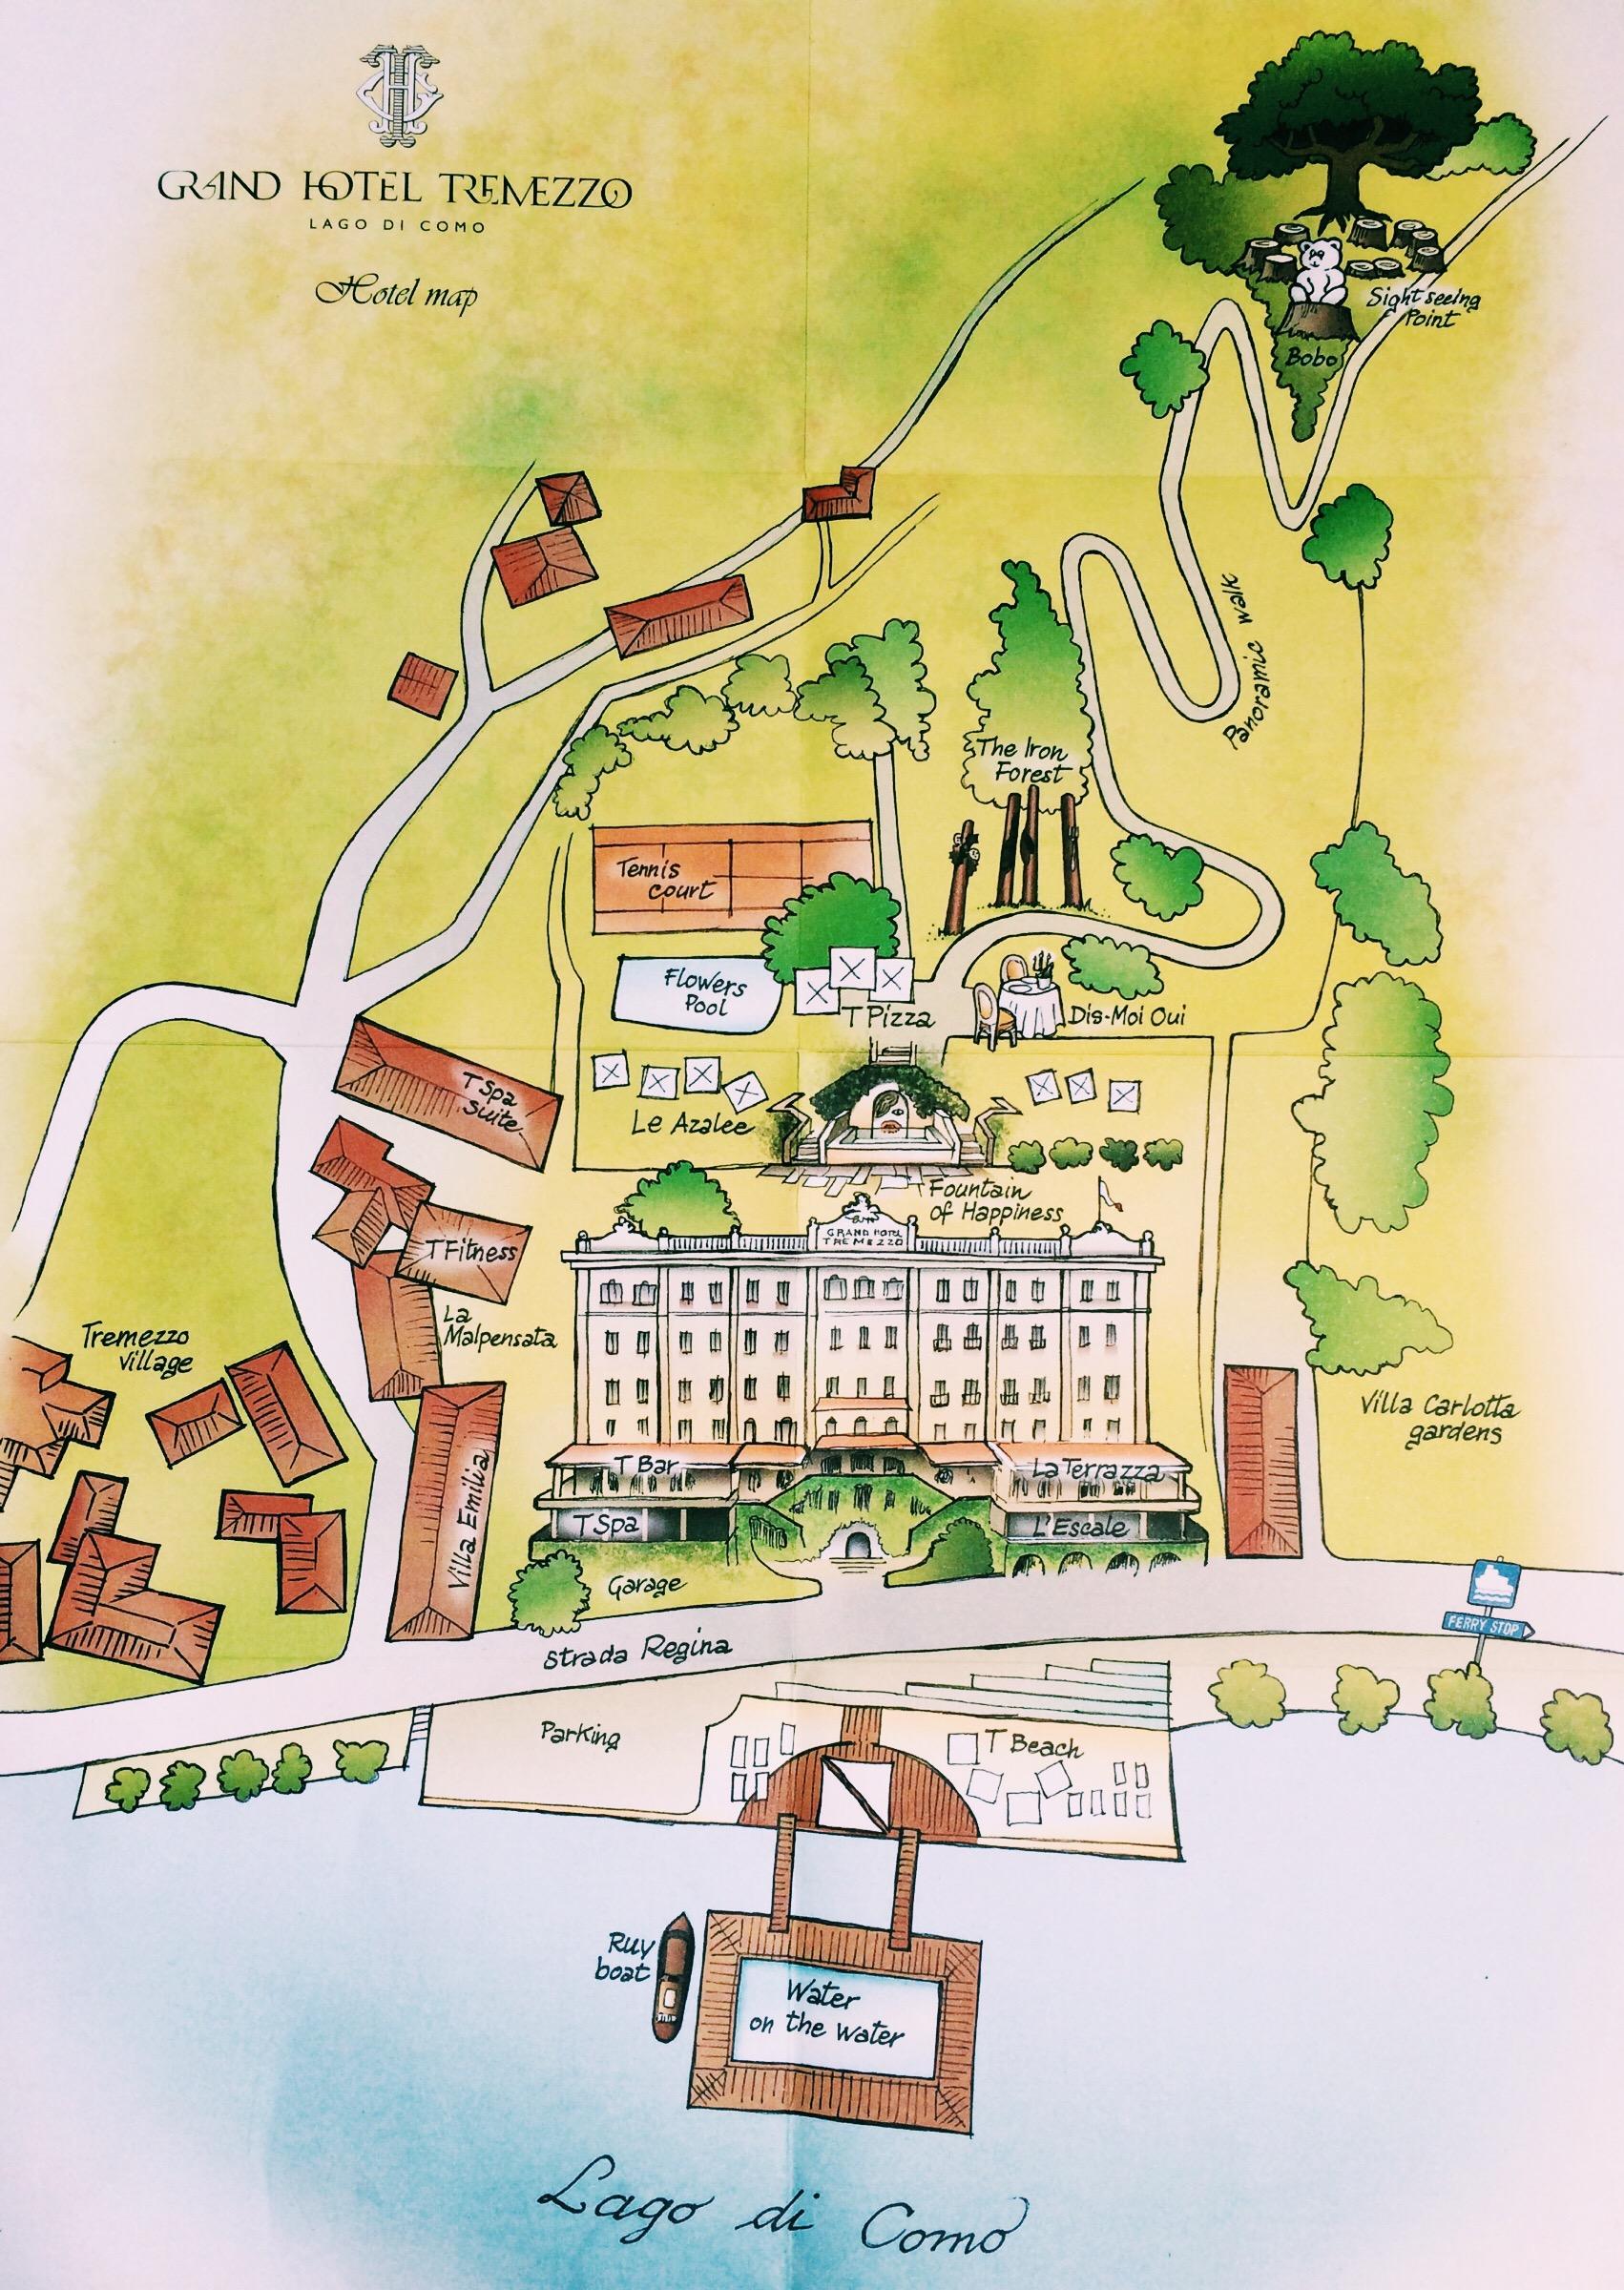 Mapa da propriedade - Grand Hotel Tremezzo - Lago di Como - Itália